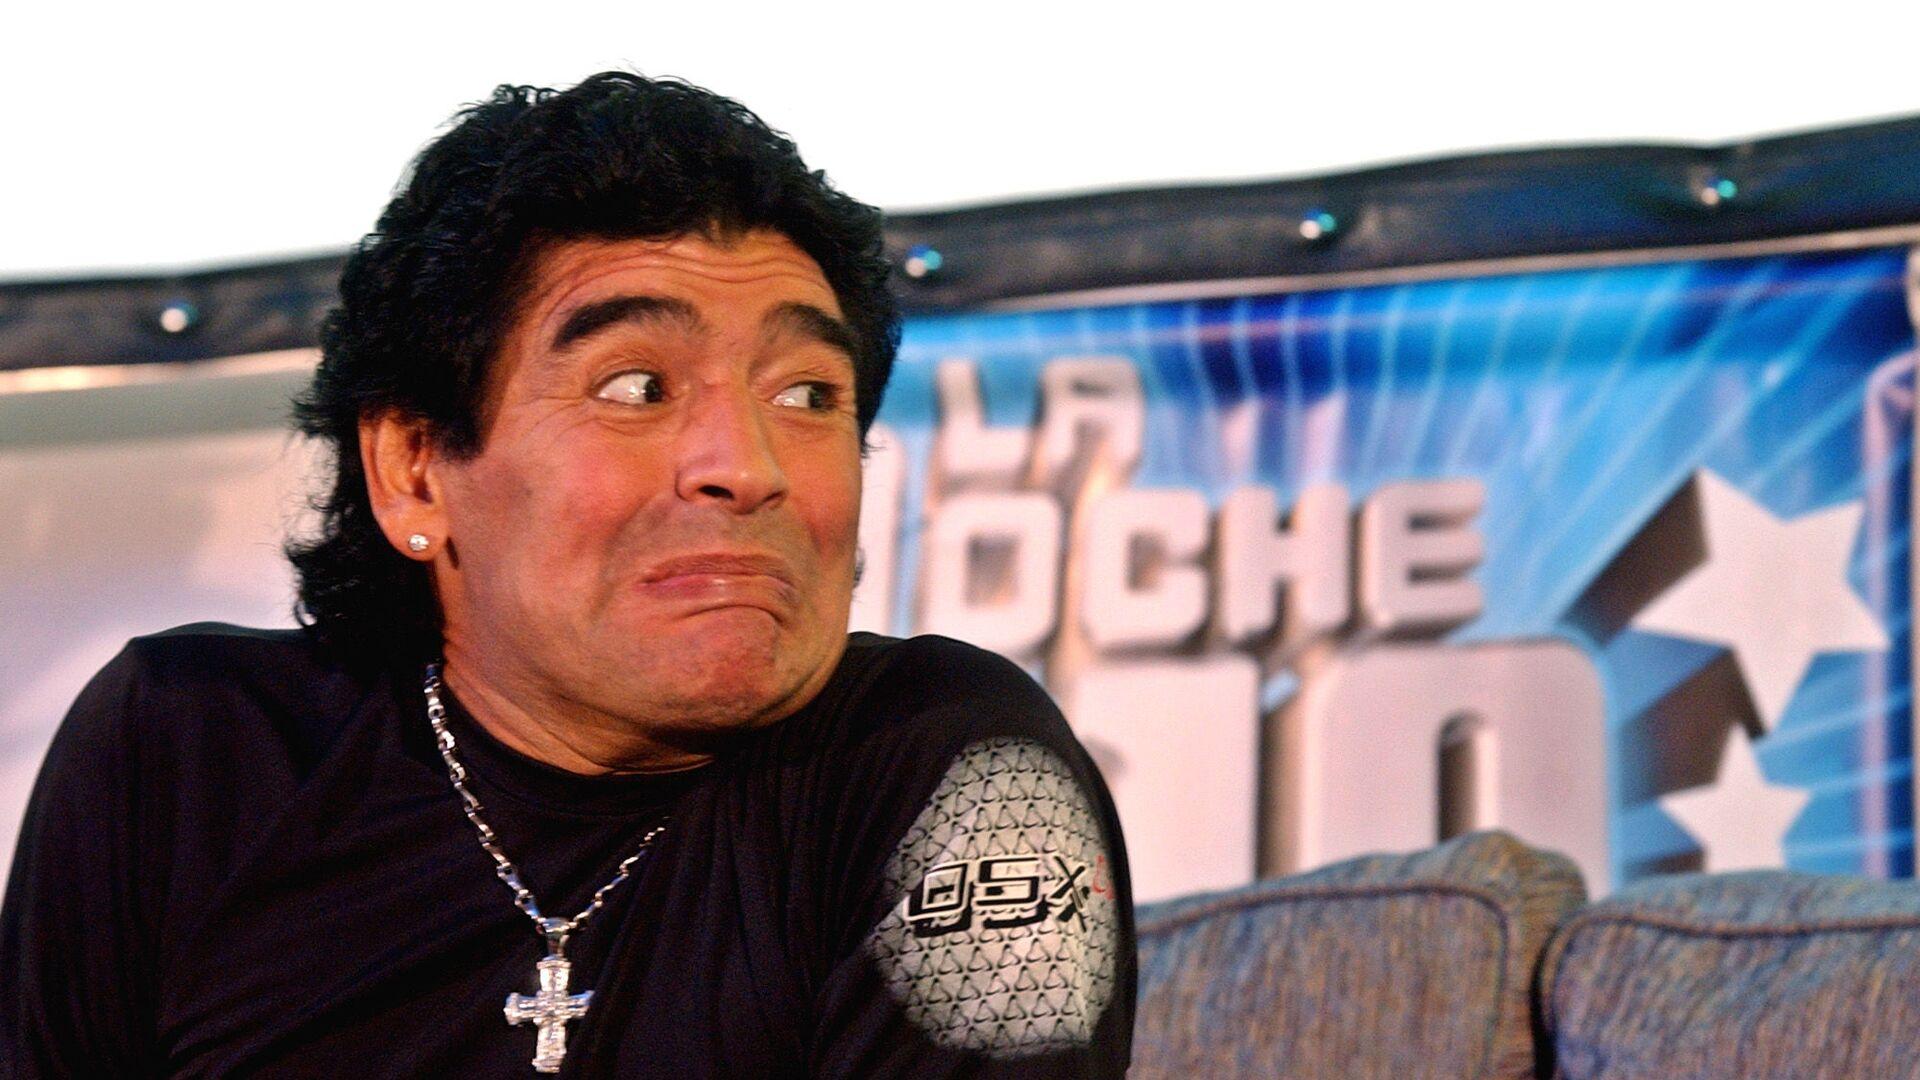 Diego Maradona en 2005, cuando conducía el programa de tv 'La Noche del Diez' - Sputnik Mundo, 1920, 19.04.2021